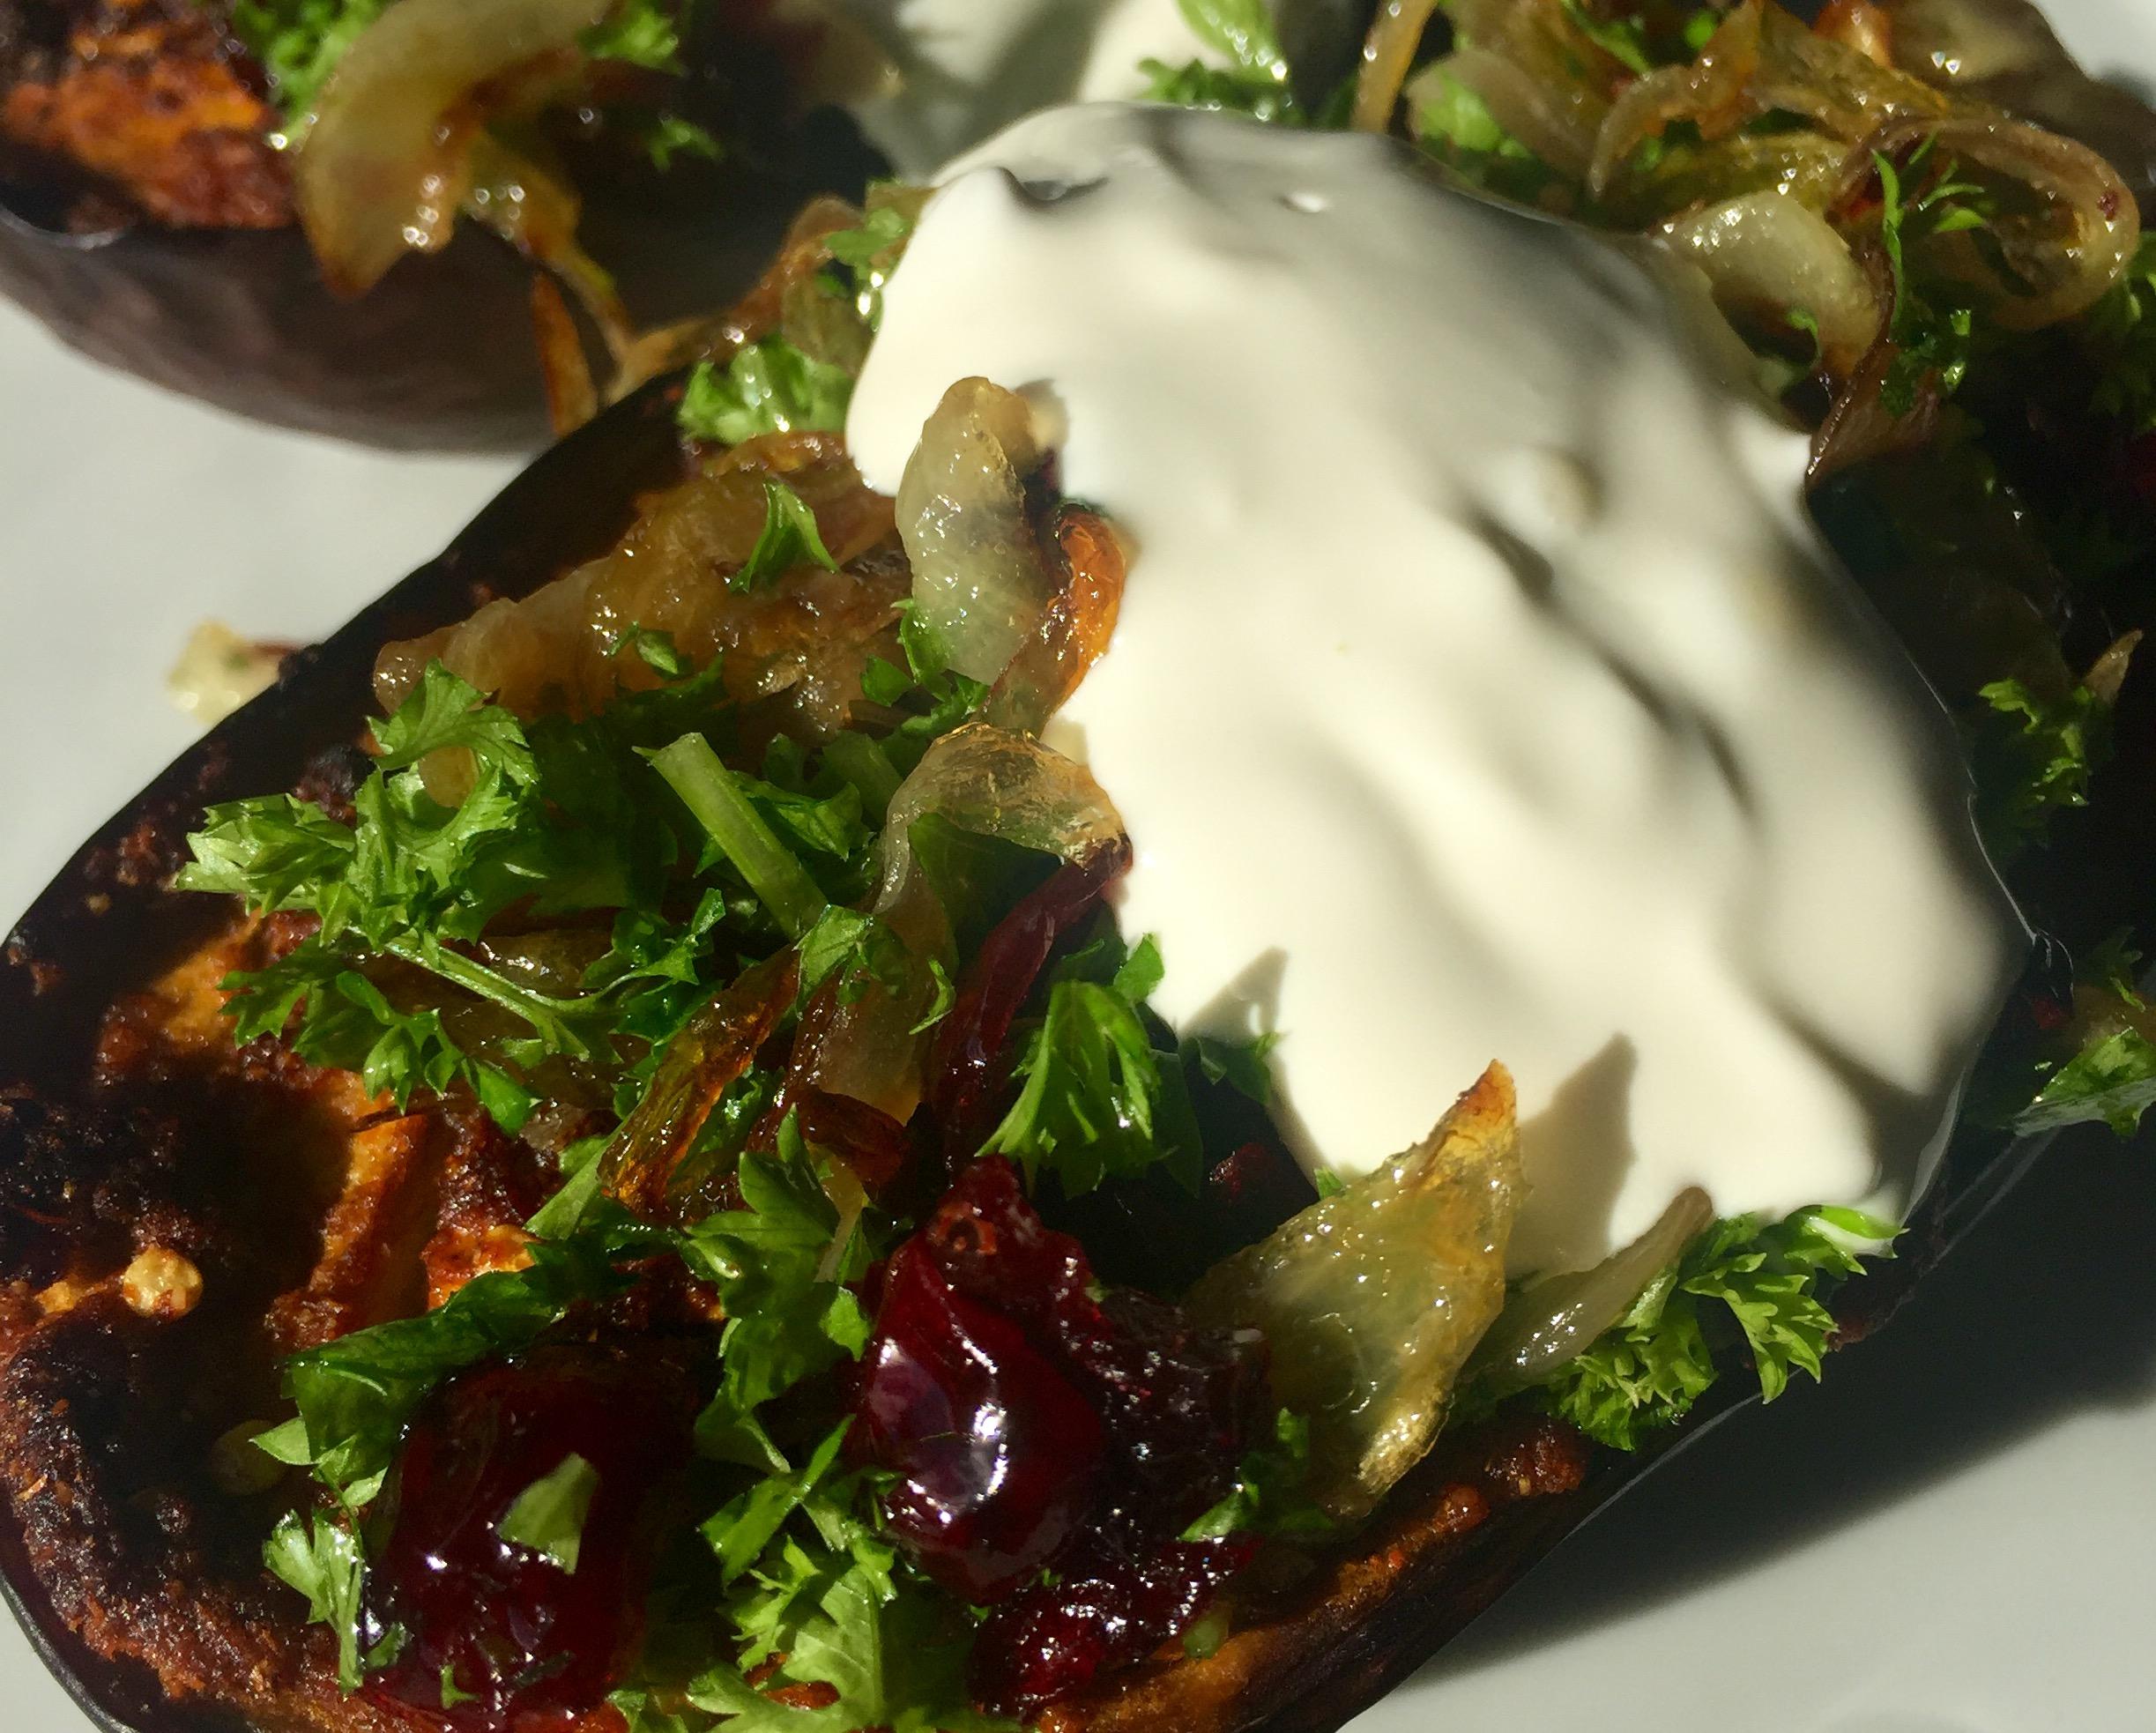 Bagte auberginer med tranebær og bløde løg